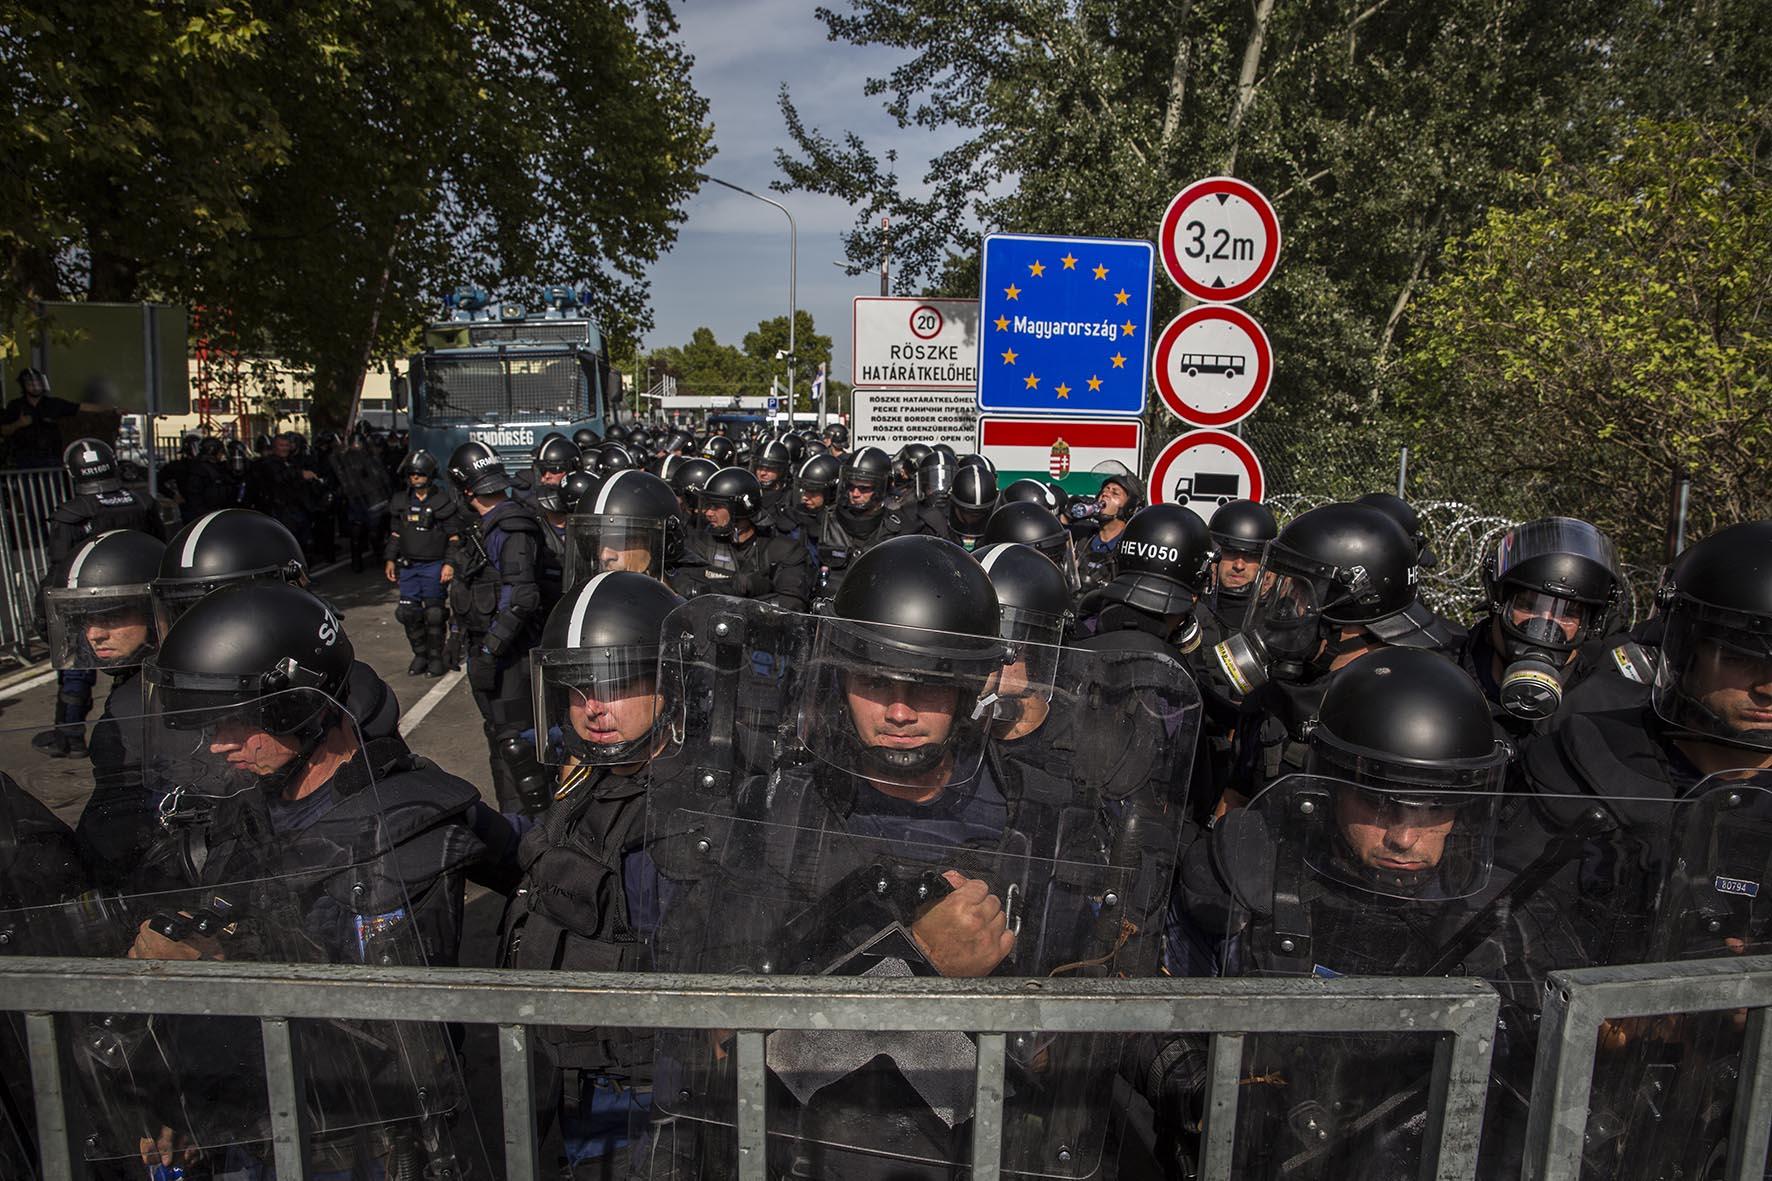 Frontera entre Serbia y Hungria. En el lado Serbio. Miles de refugiados atrapados en la frontera entre Serbia y Hungria intentaron acceder a Hungria pero la policia de ese pais se lo impidio. Decenas de personas se enfrentaron entonces para a los antidisturbios en la frontera.